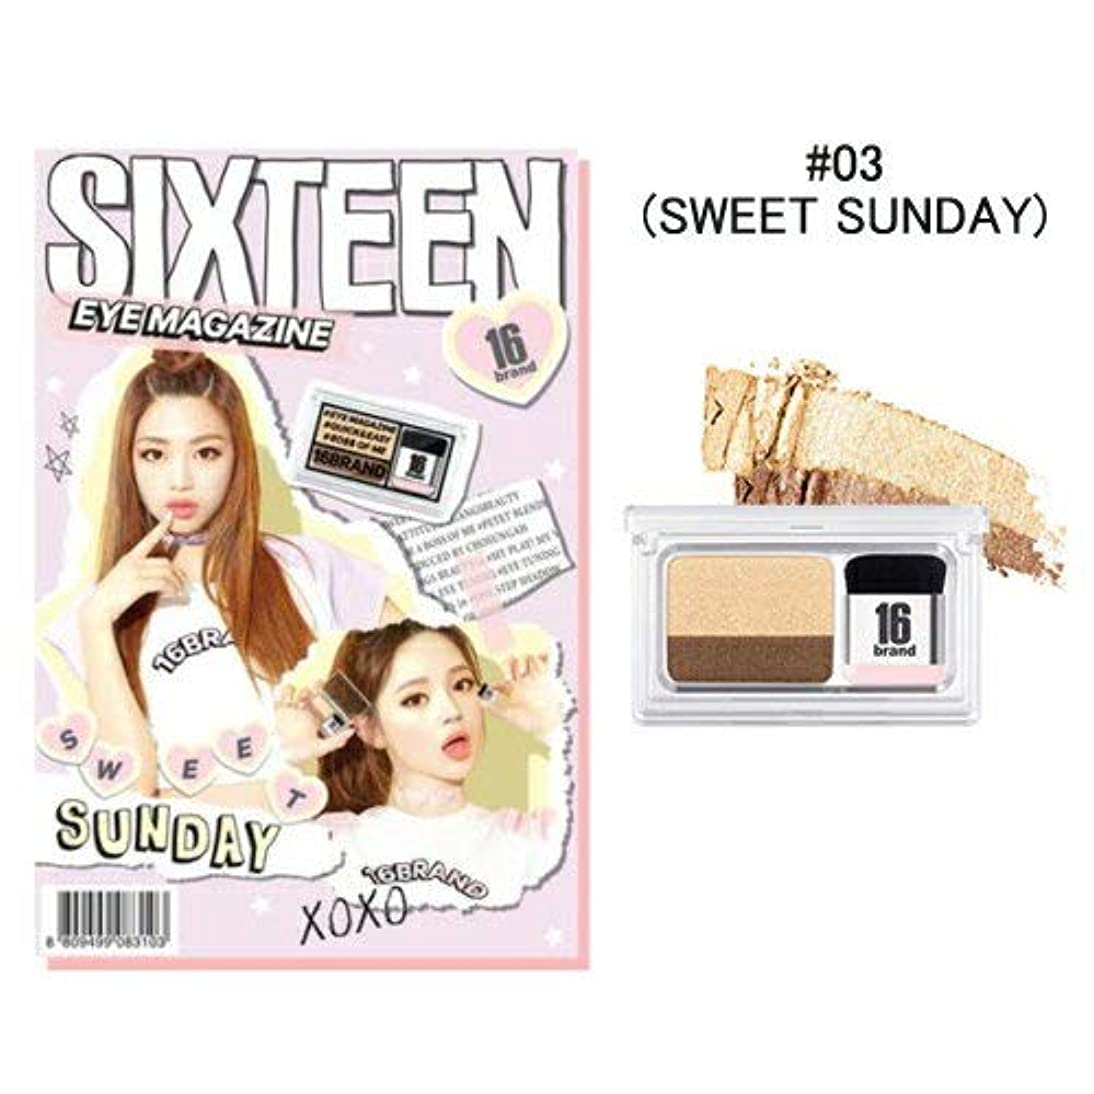 連合安全性陪審[New Color] 16brand Sixteen Eye Magazine 2g /16ブランド シックスティーン アイ マガジン 2g (#03 SWEET SUNDAY) [並行輸入品]